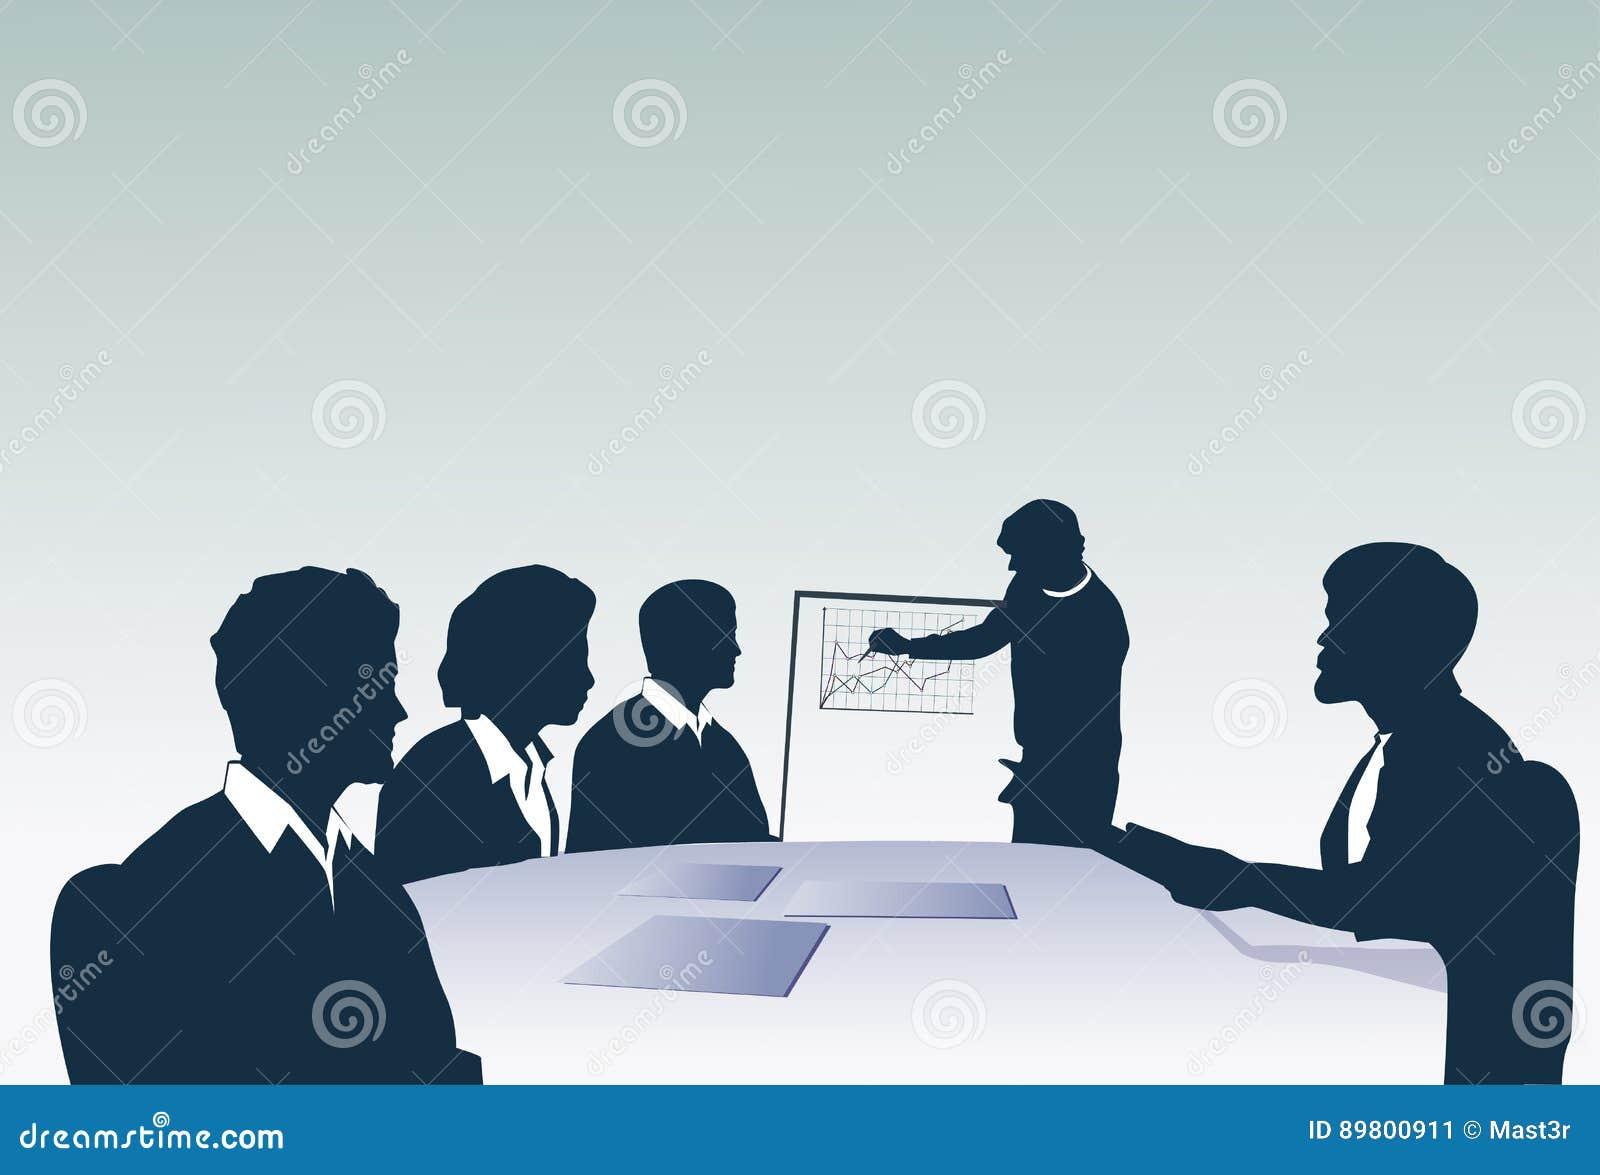 För Team With Flip Chart Seminar för konturaffärsfolk presentation för idékläckning för konferens utbildning